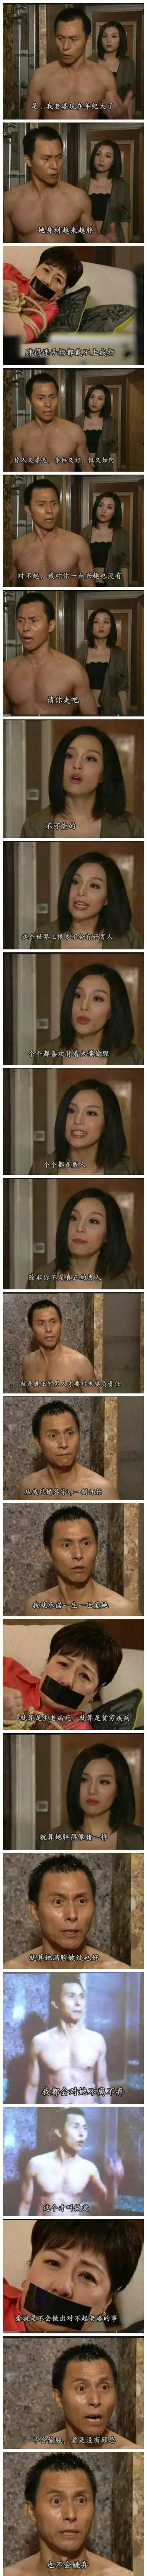 荐号丨美女勾引人夫不成反被狠狠羞辱!